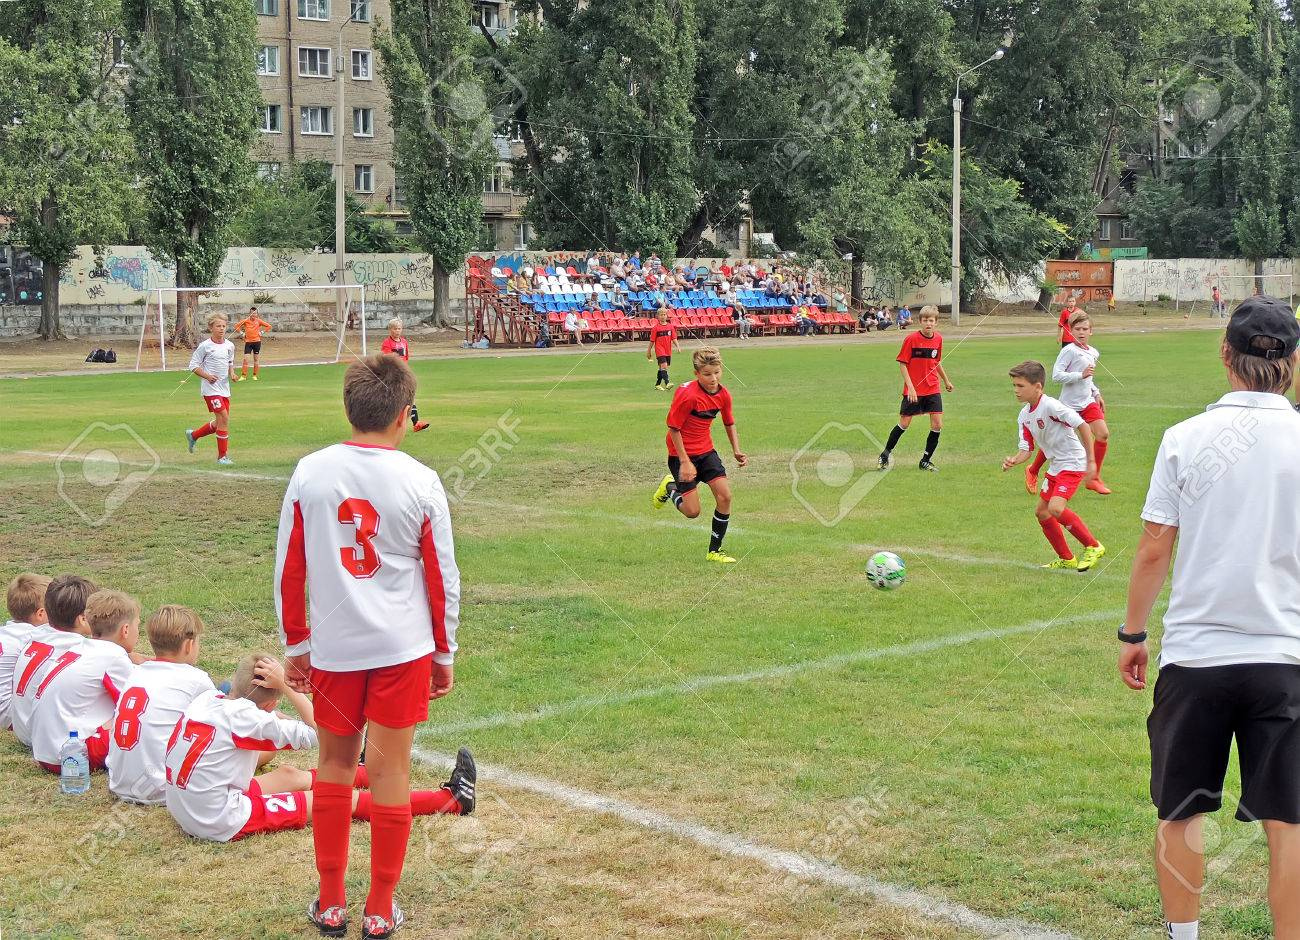 Immagini Di Calcio Per Bambini : Immagini stock ragazzi seduti sul prato benchwarmers guardare